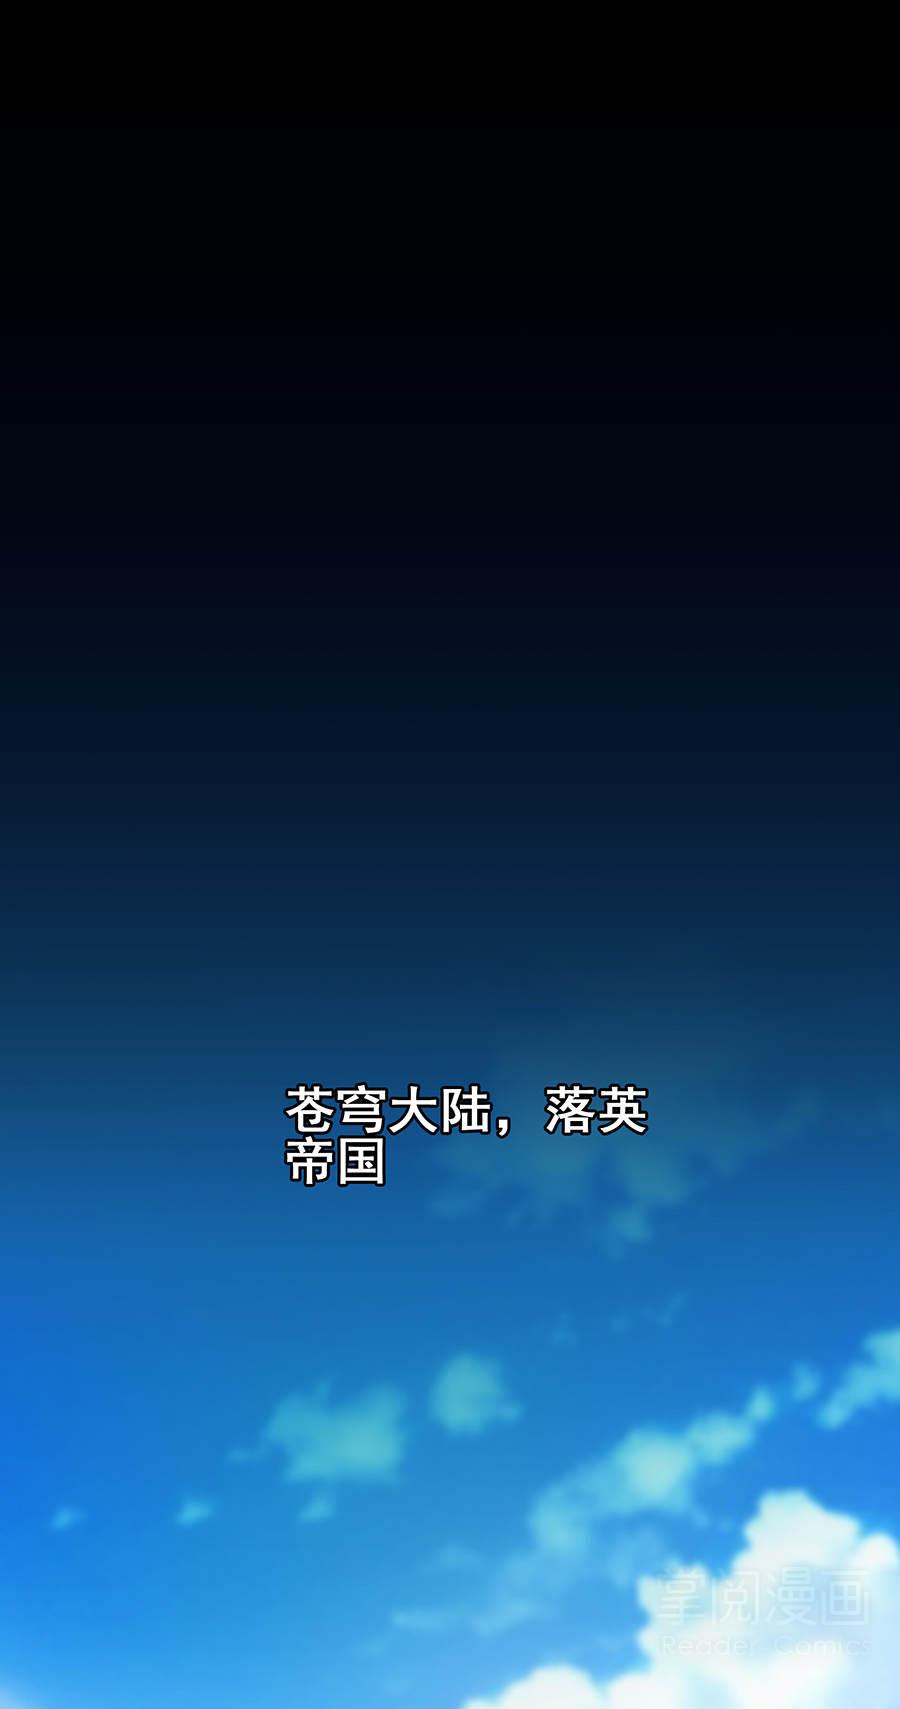 绝世剑神第1话  剑神重生 第 8